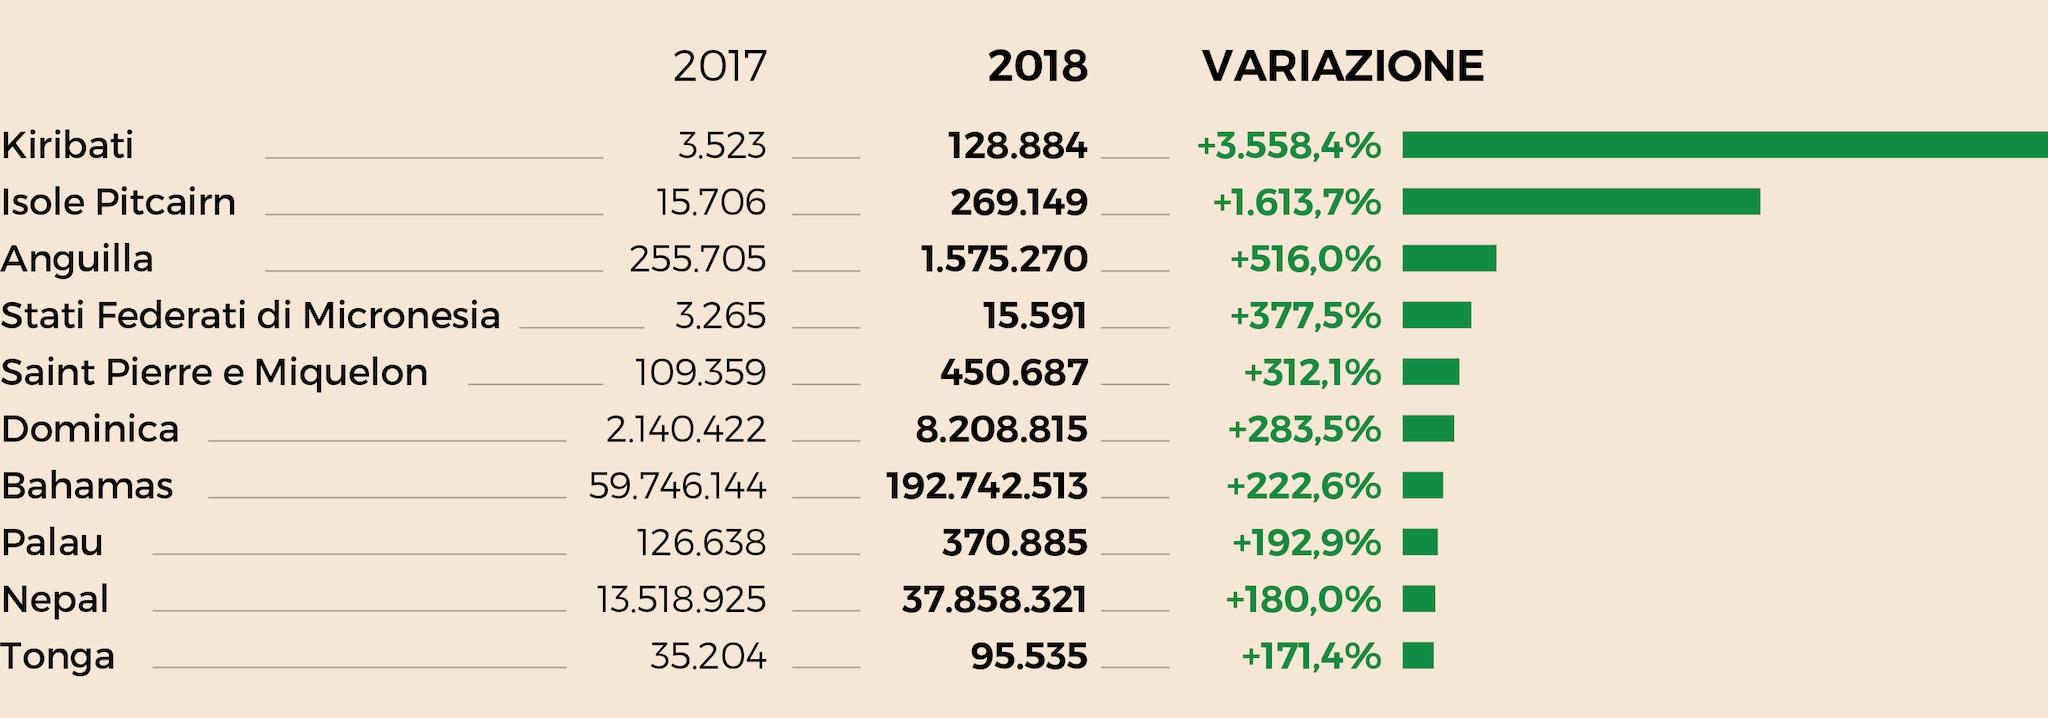 I PAESI DOVE L'EXPORT ITALIANO È CRESCIUTO DI PIÙ IN % NEL 2018